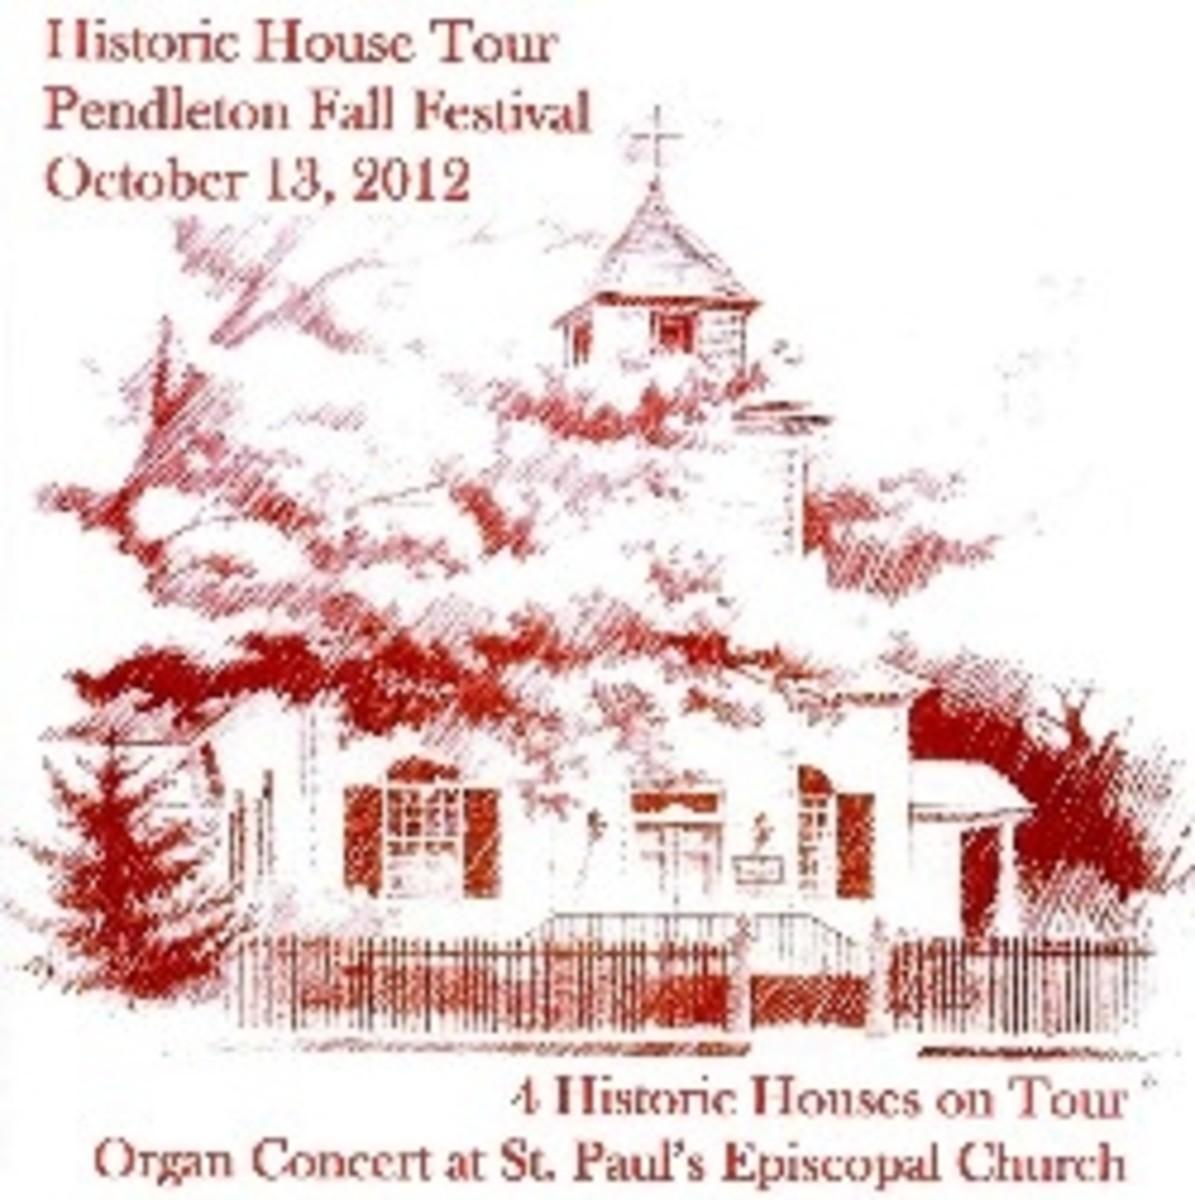 pendleton-sc-historic-house-tour